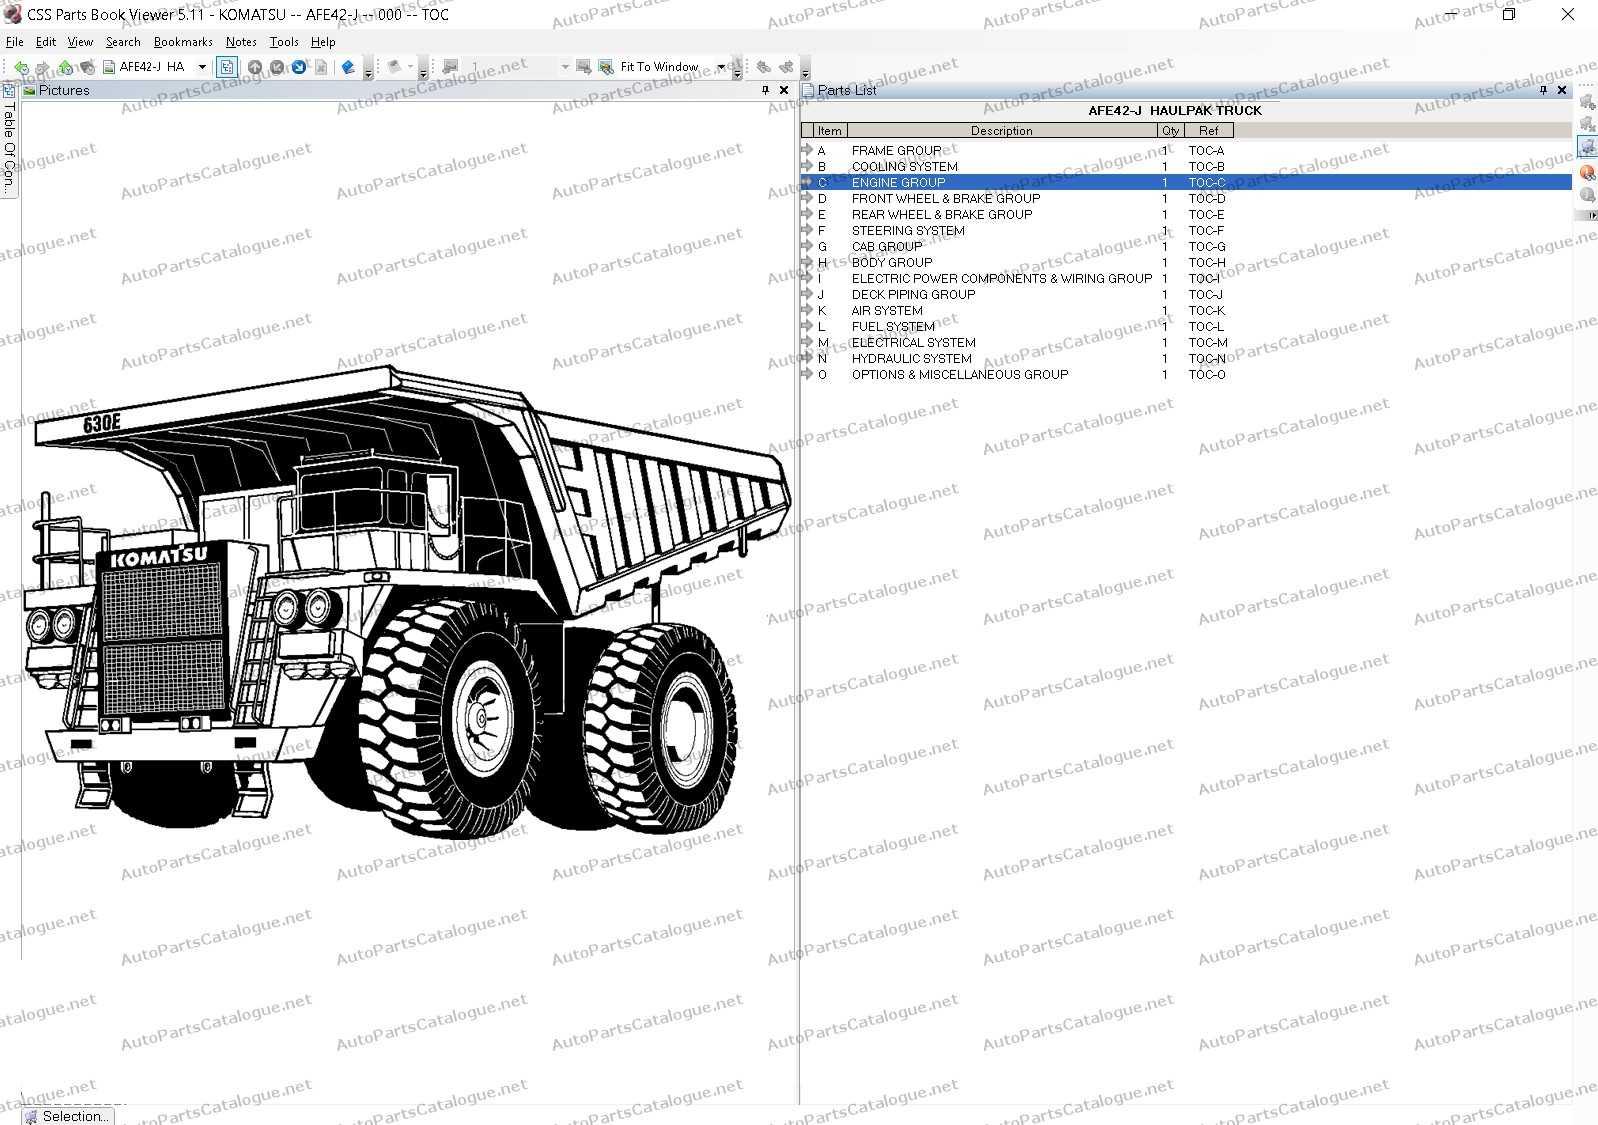 komatsu linkone css parts viewer 5 1  2020  full models